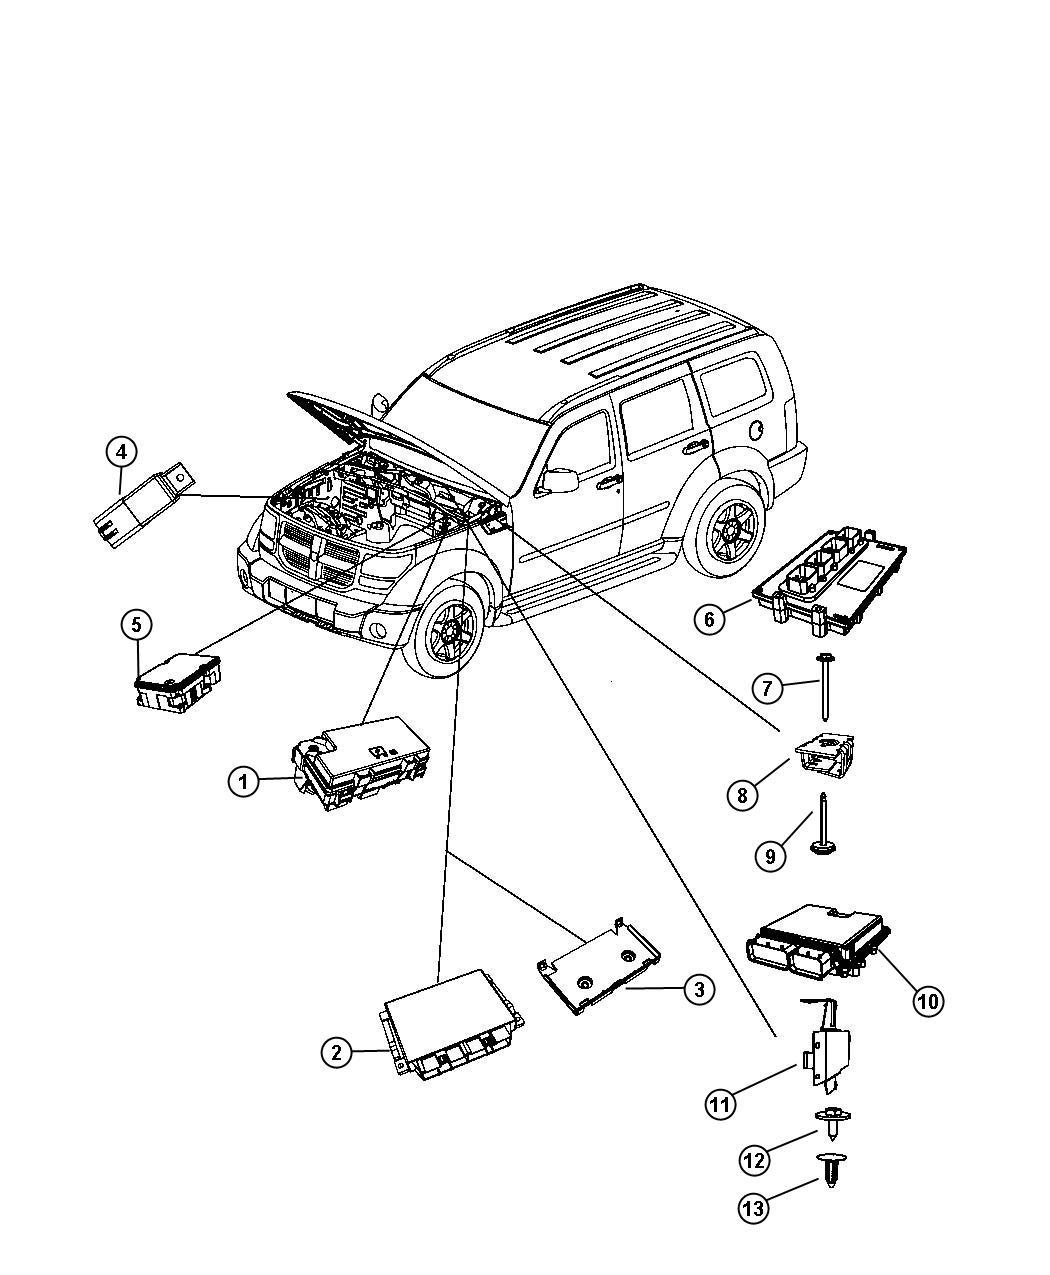 Dodge Nitro Engine Compartment Diagram